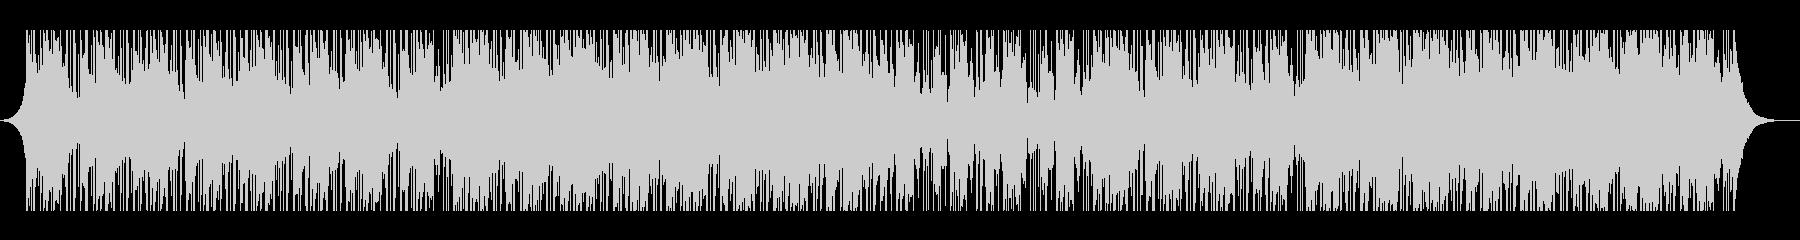 コーポレートインテリジェンスの未再生の波形